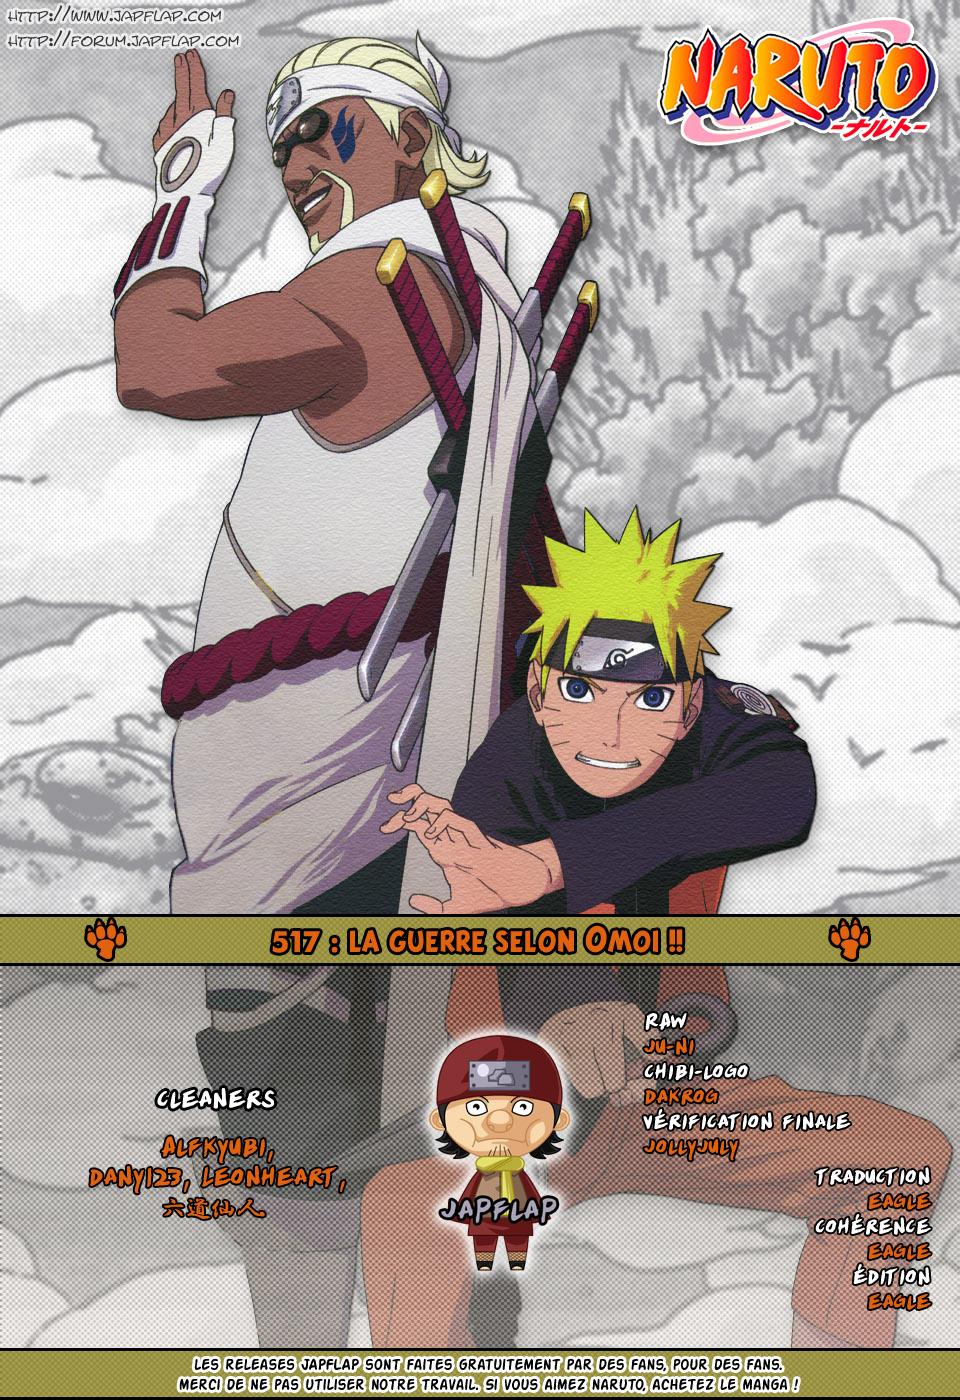 Naruto chapitre 517 - Page 17